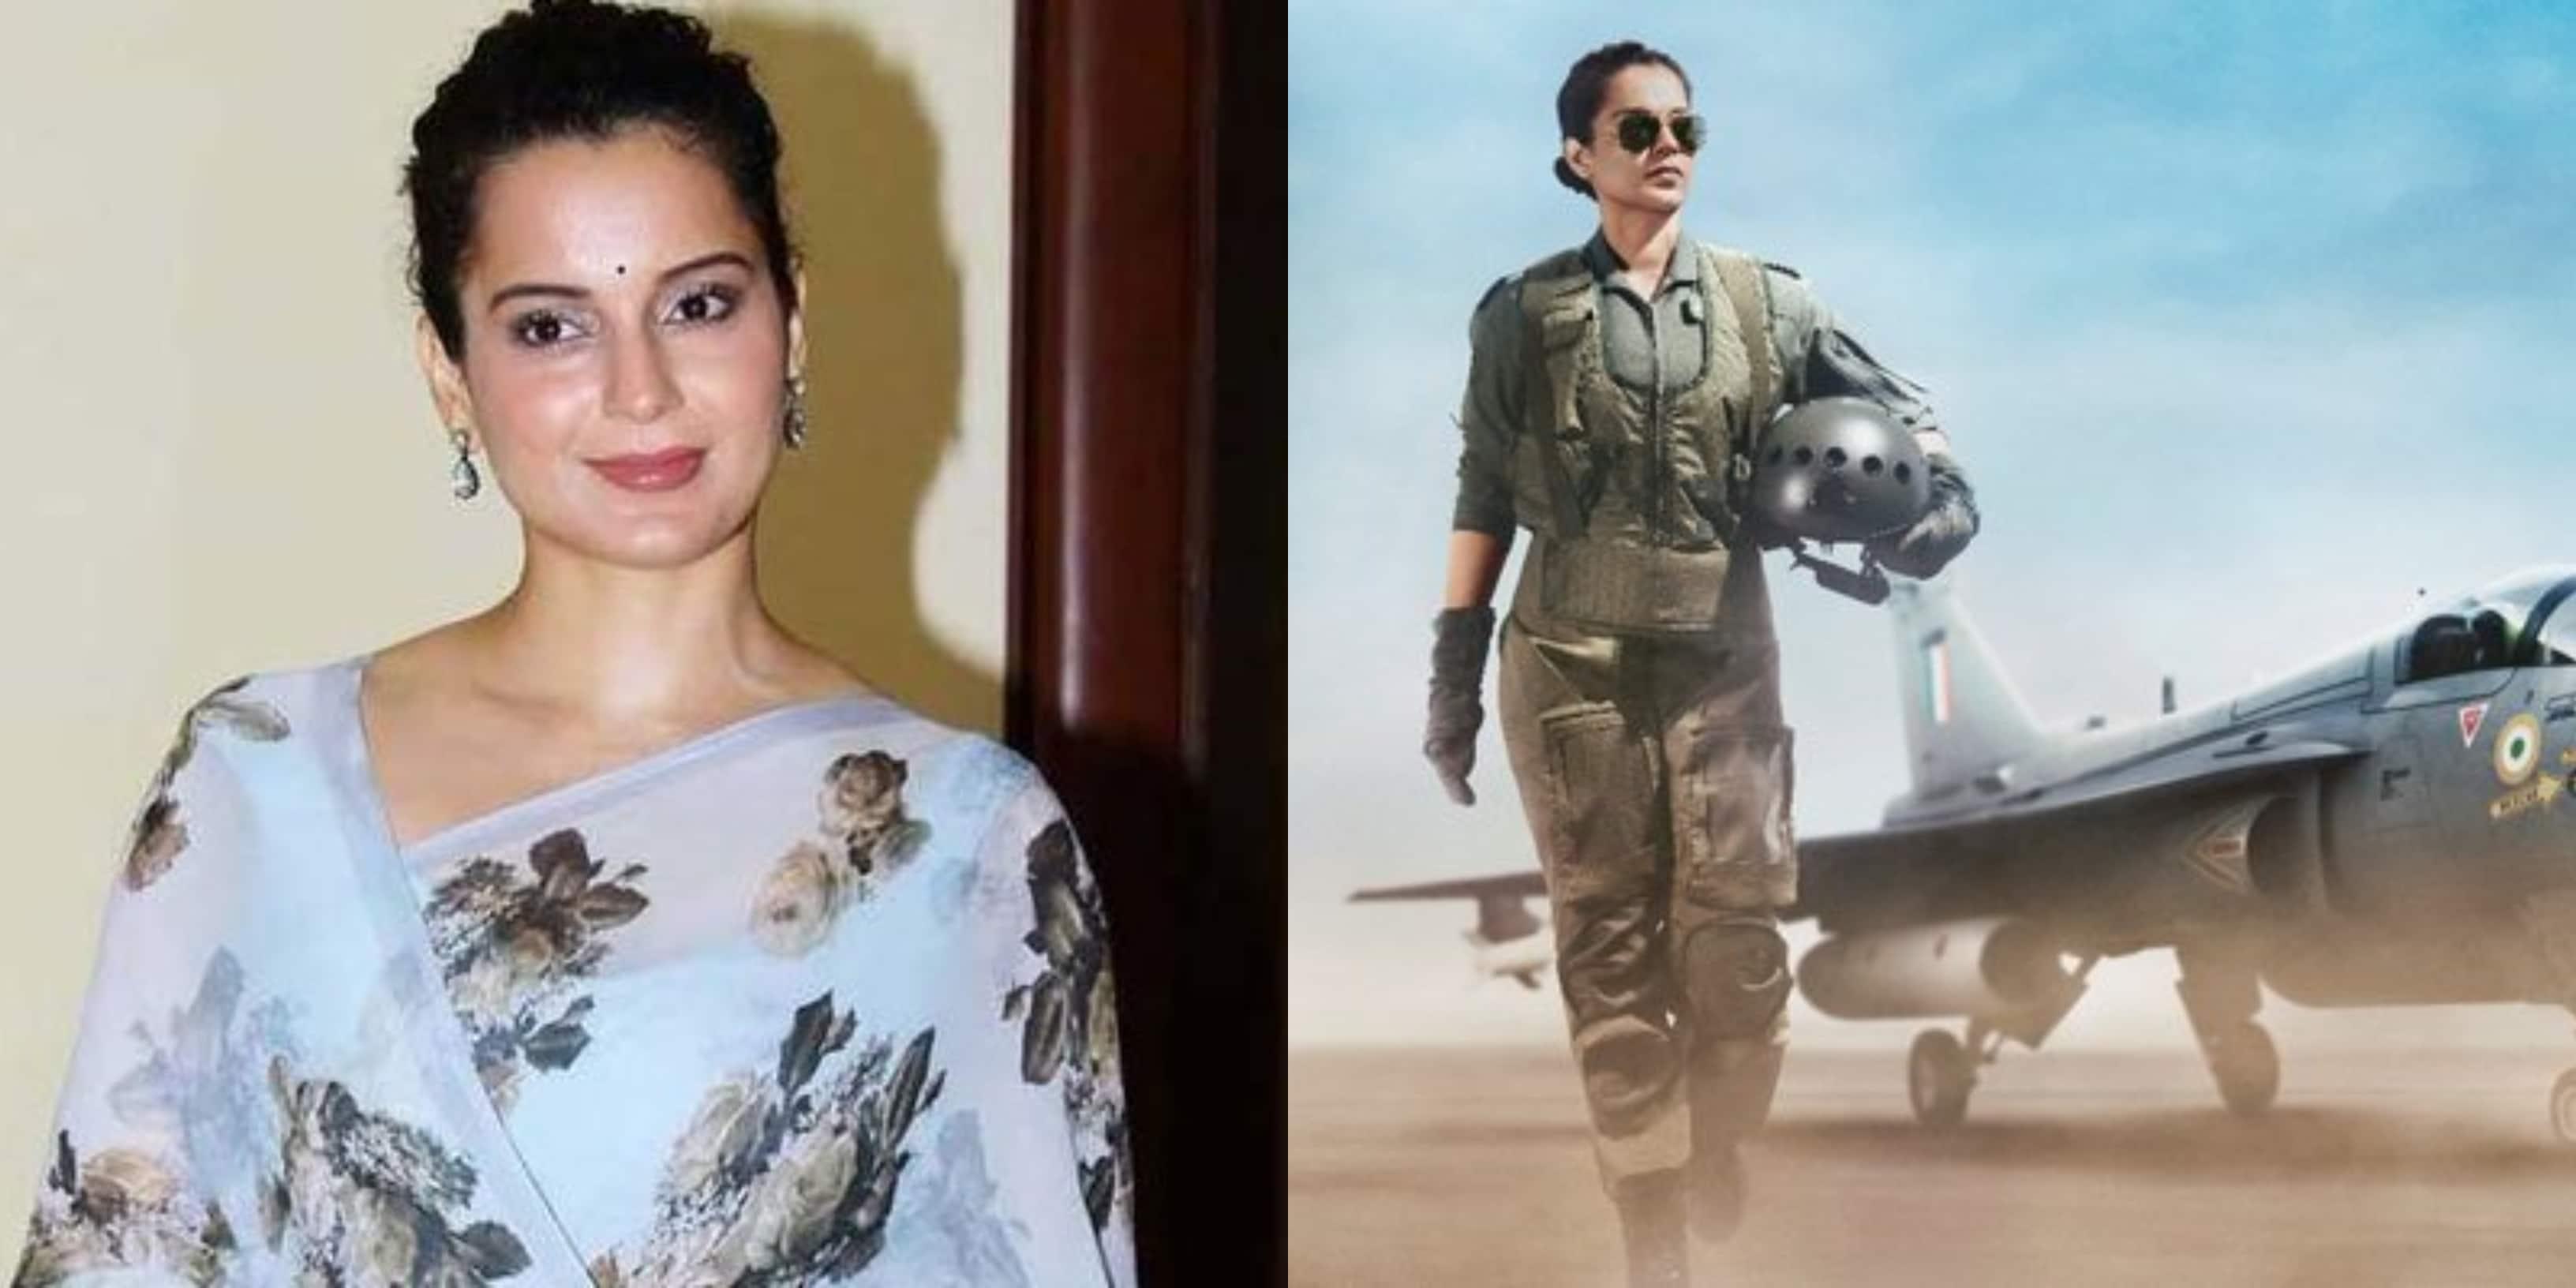 अभिनेत्री कंगना रनौत की फिल्म 'Tejas' का पोस्टर रिलीज, इस अंदाज में नजर आएंगी कंगना